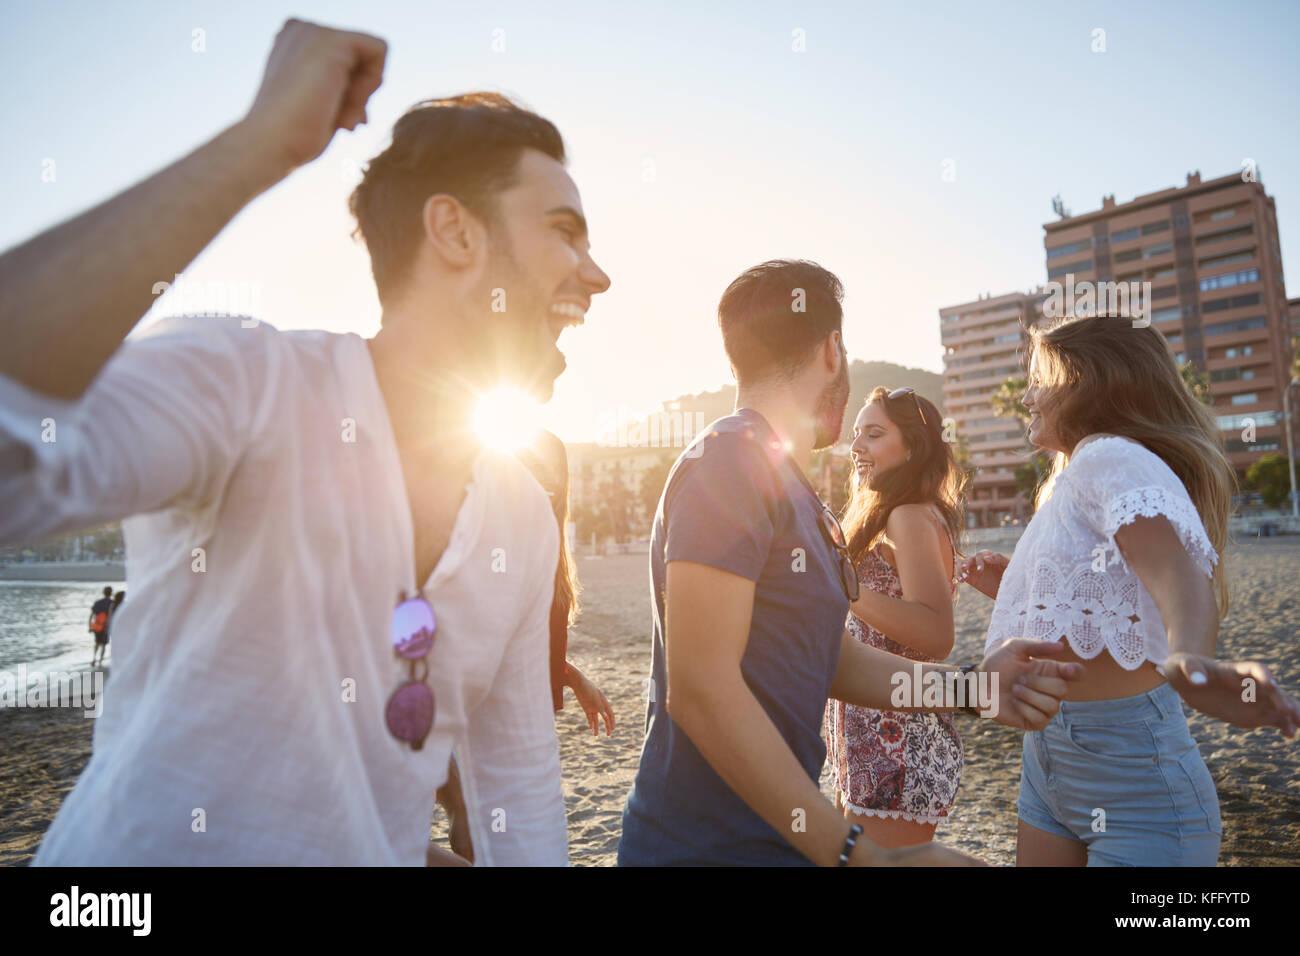 Retrato de hombres jóvenes bailando con sus amigas en la playa Imagen De Stock